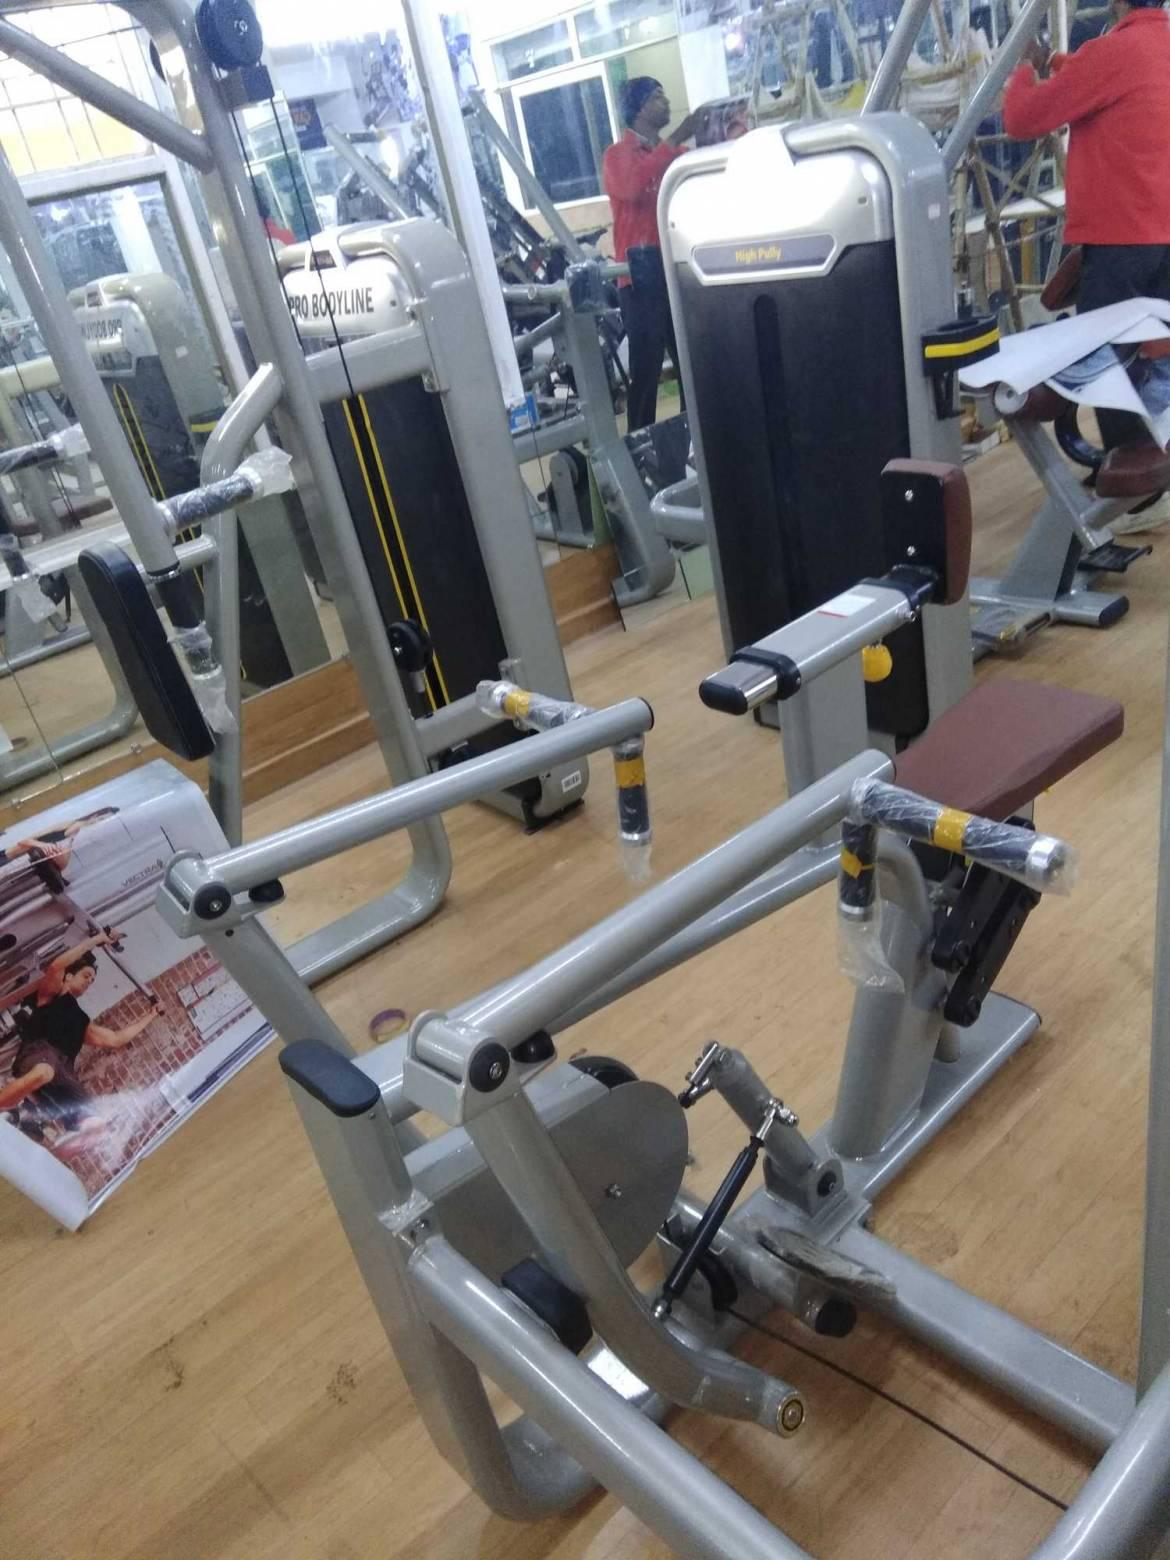 Gurugram-Sector-24-Figure-n-fitness_534_NTM0_MzQwNA